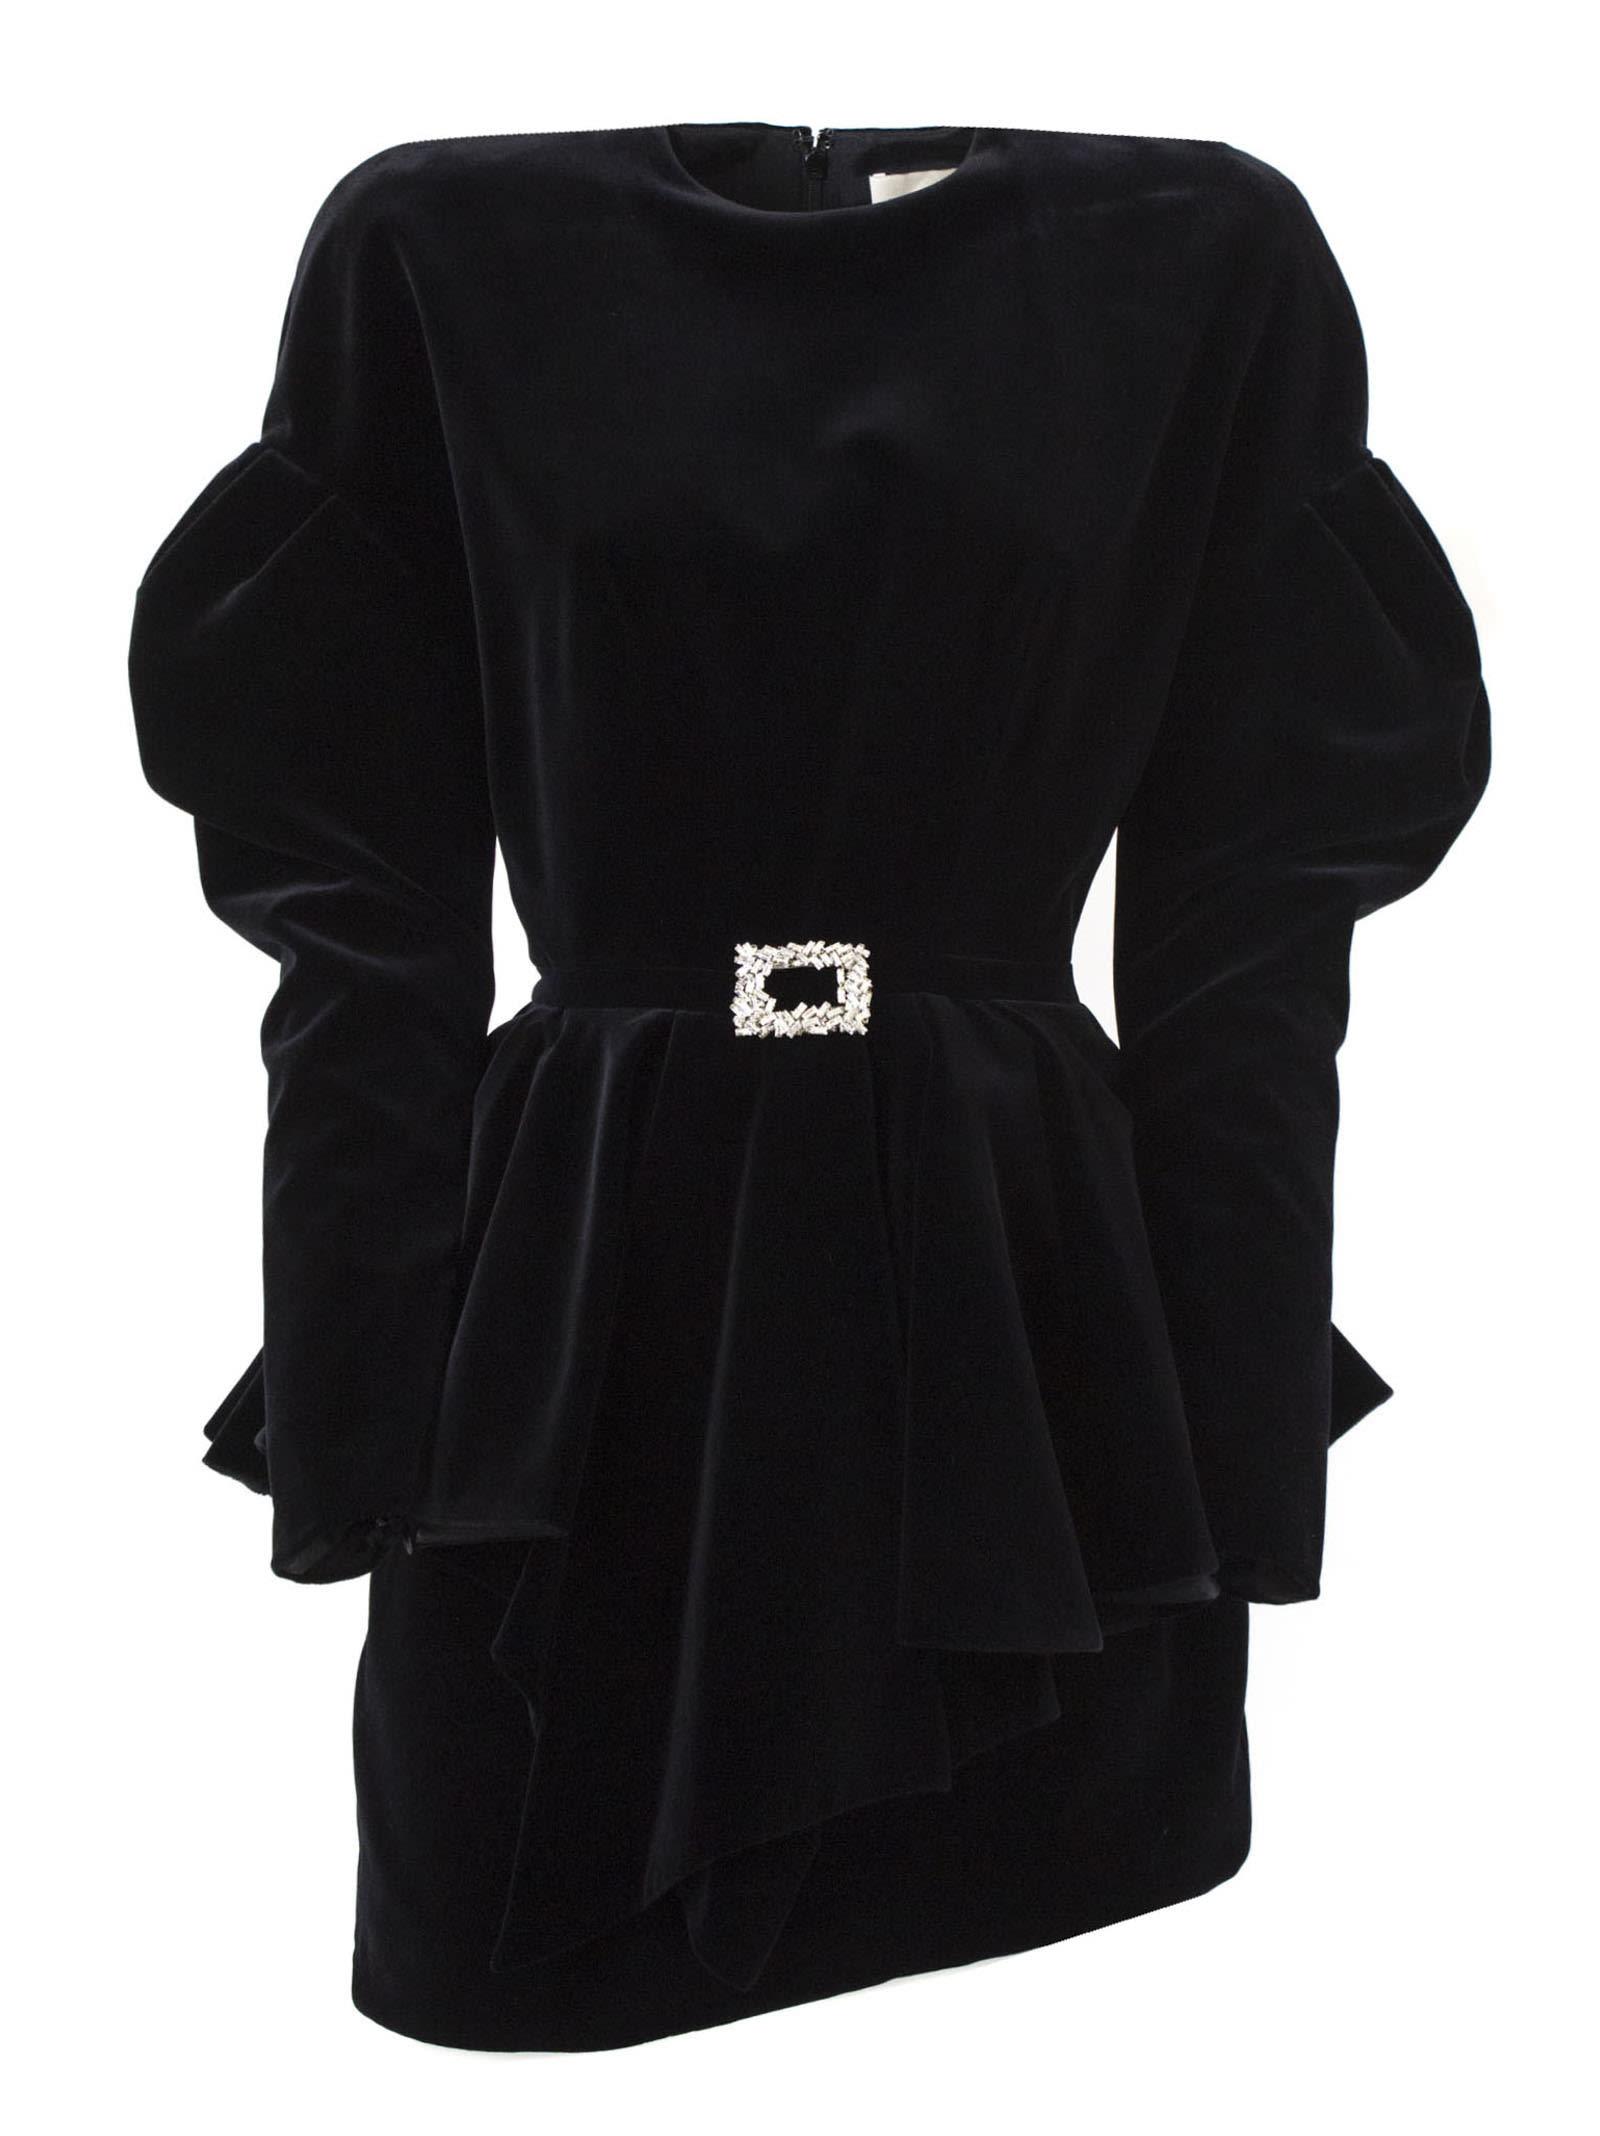 Alexandre Vauthier Black Cotton Dress